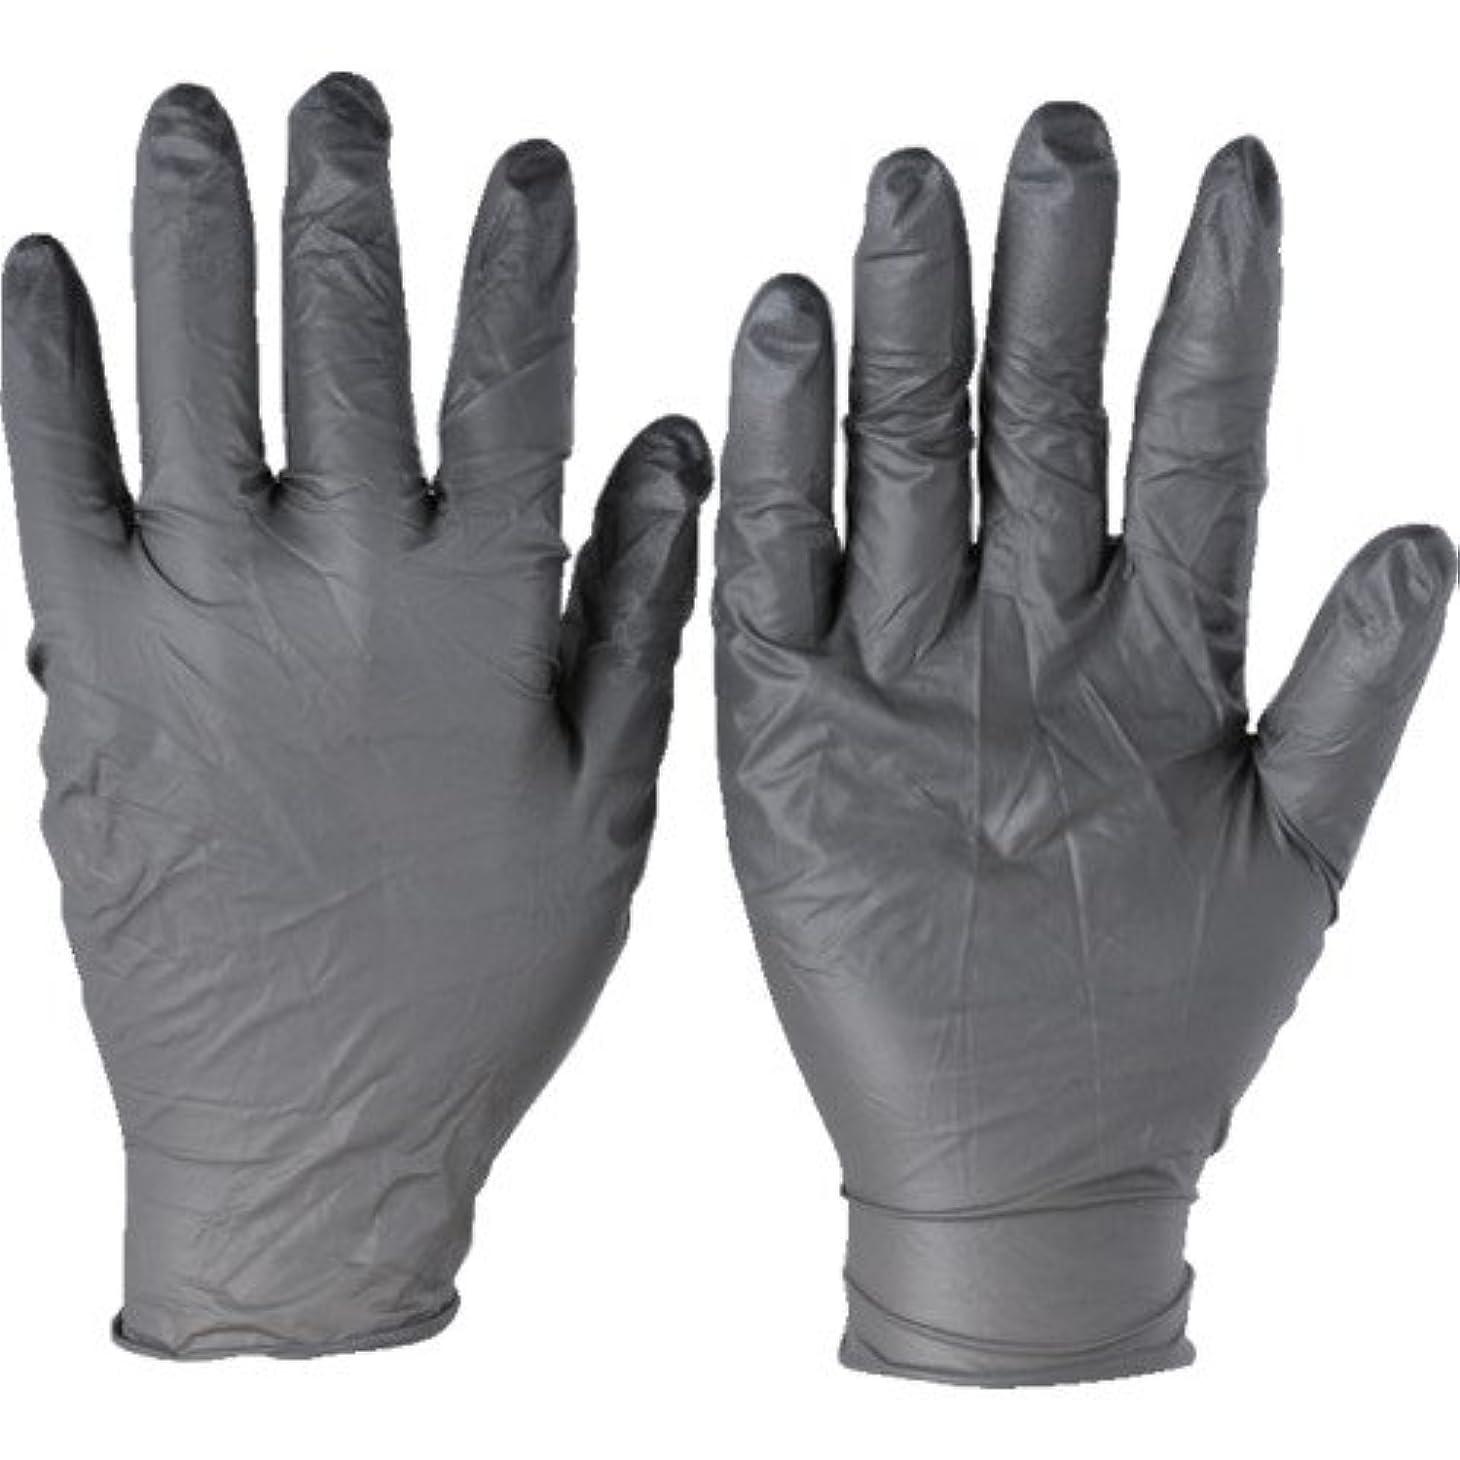 認める有能な起業家トラスコ中山 アンセル ニトリルゴム使い捨て手袋 タッチエヌタフ 粉無 Sサイズ 100枚入 932507